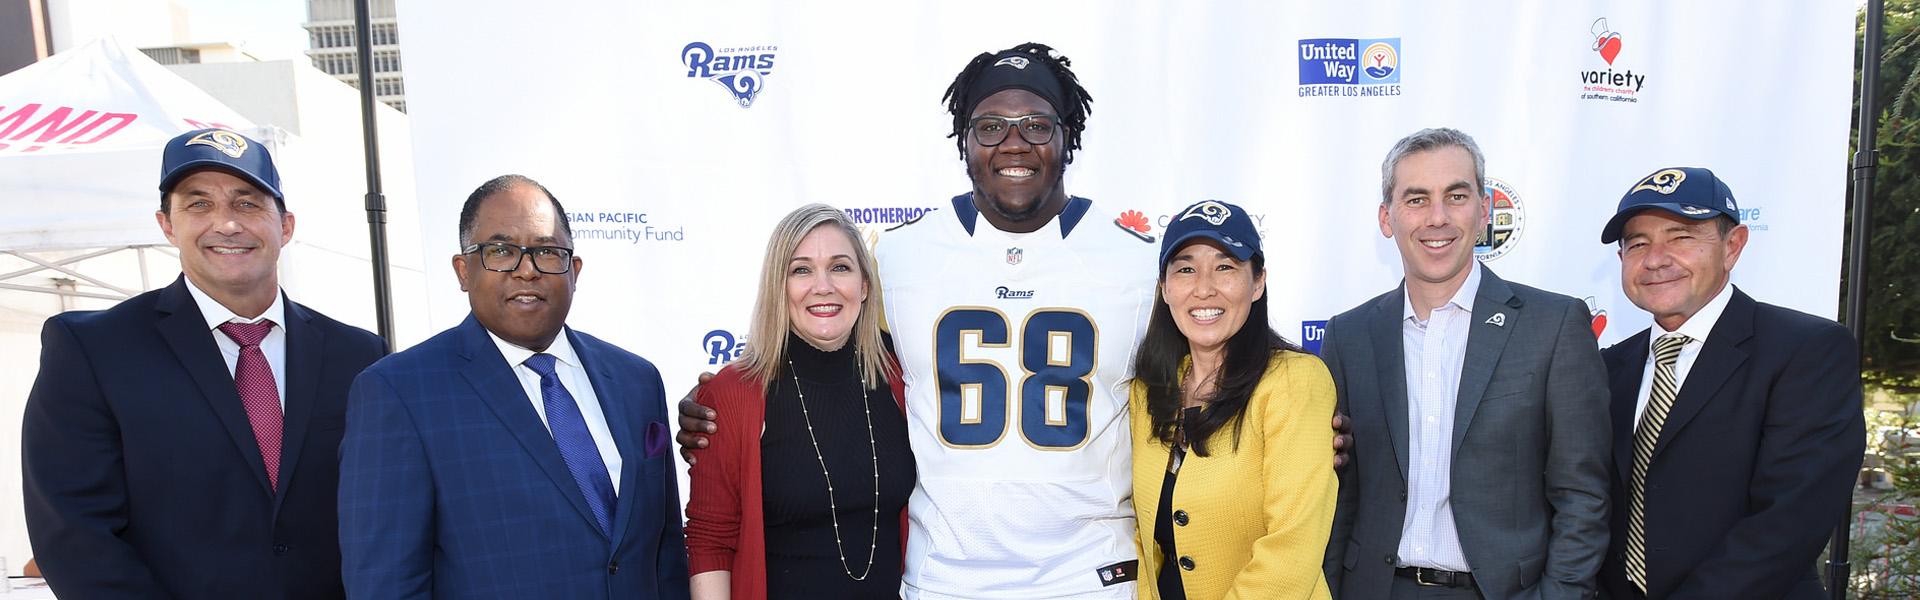 Rams 2017